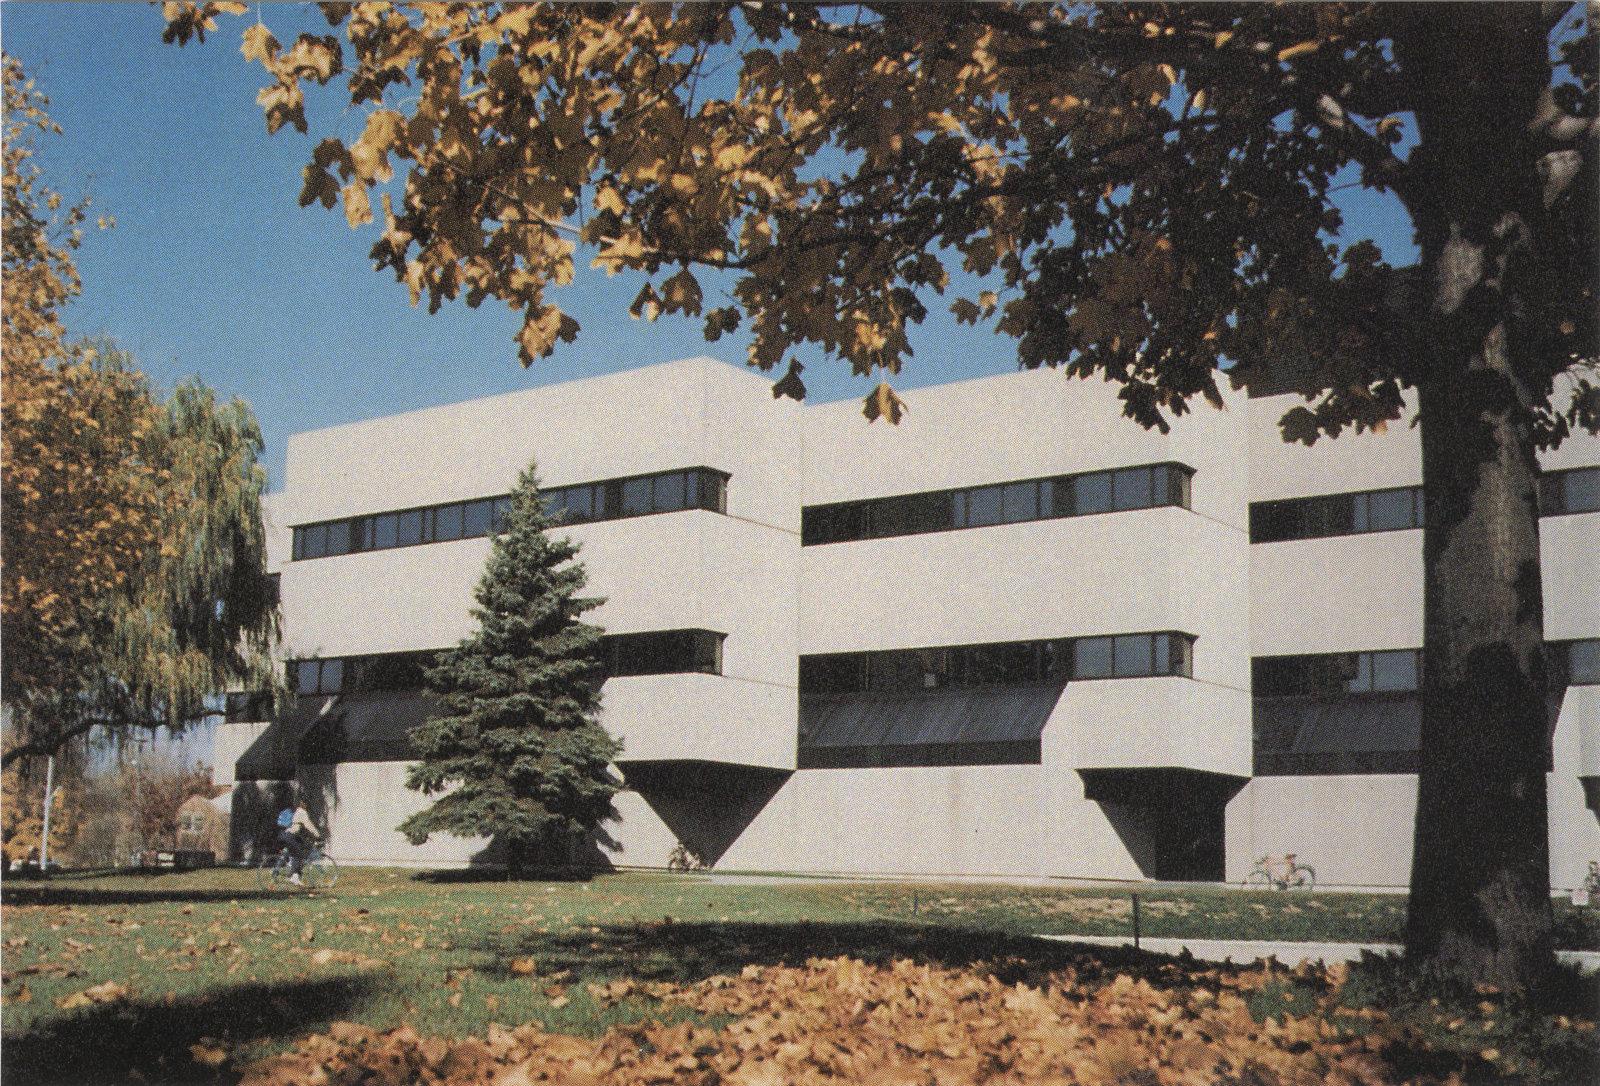 Frank C. Peters Building, Wilfrid Laurier University